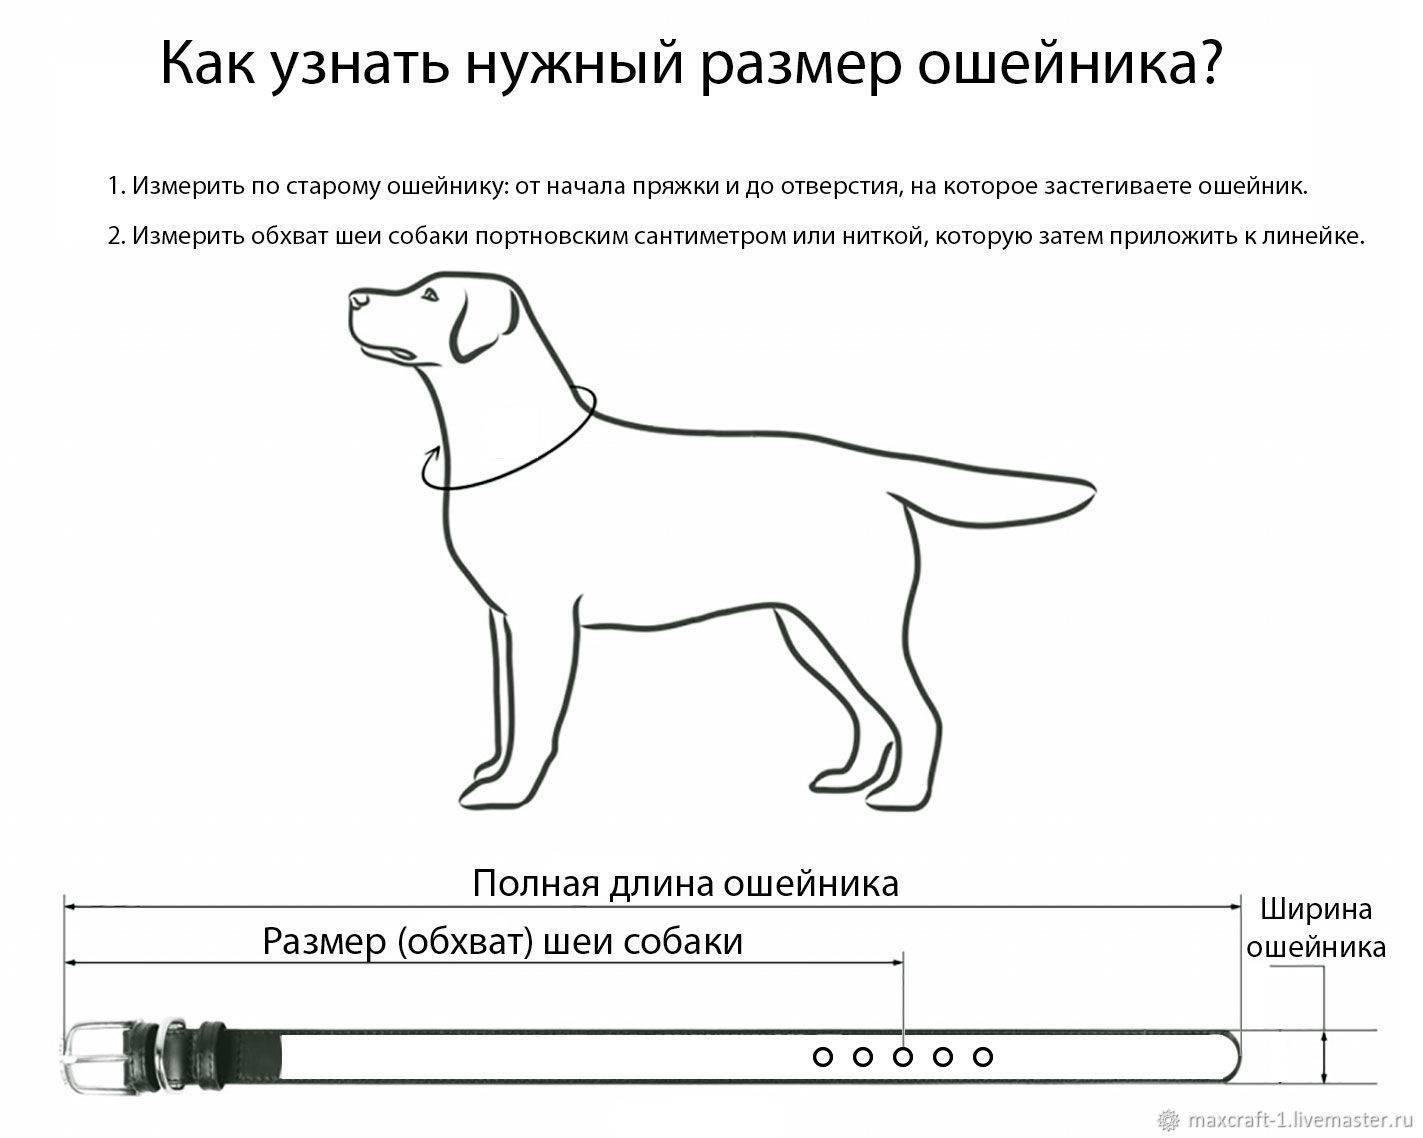 Защитный воротник для кошки: покупка или изготовление своими руками